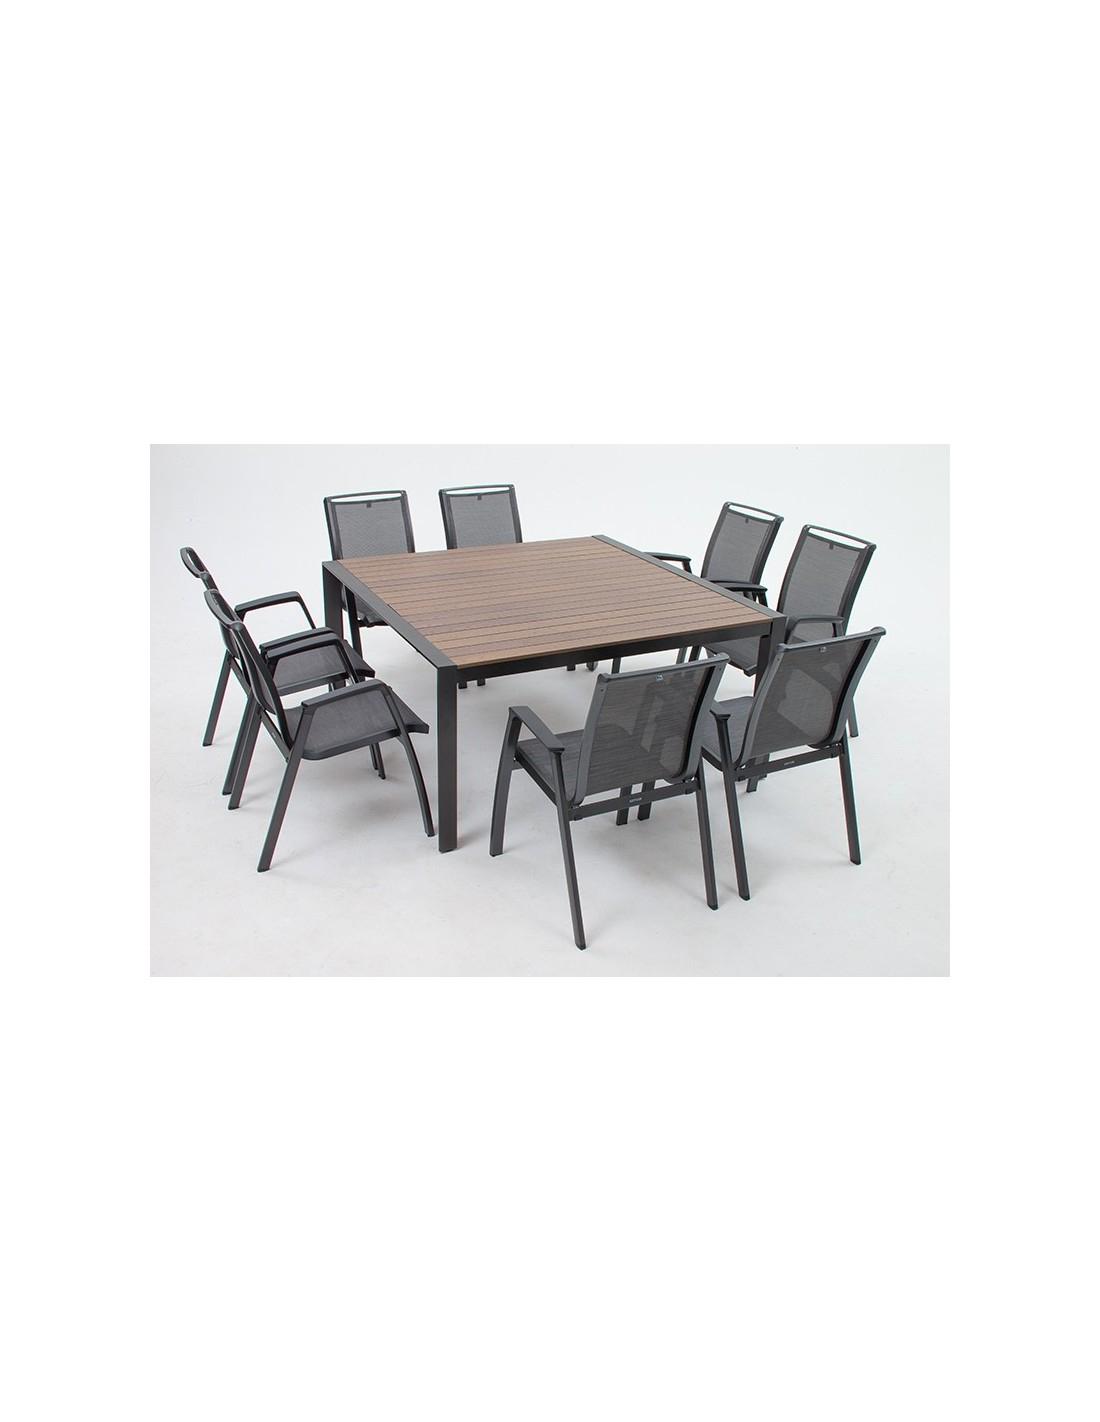 Table Malaga 150 X 150 Cm Anthracite Et Plateau Effet Bois ... serapportantà Kettler Mobilier De Jardin